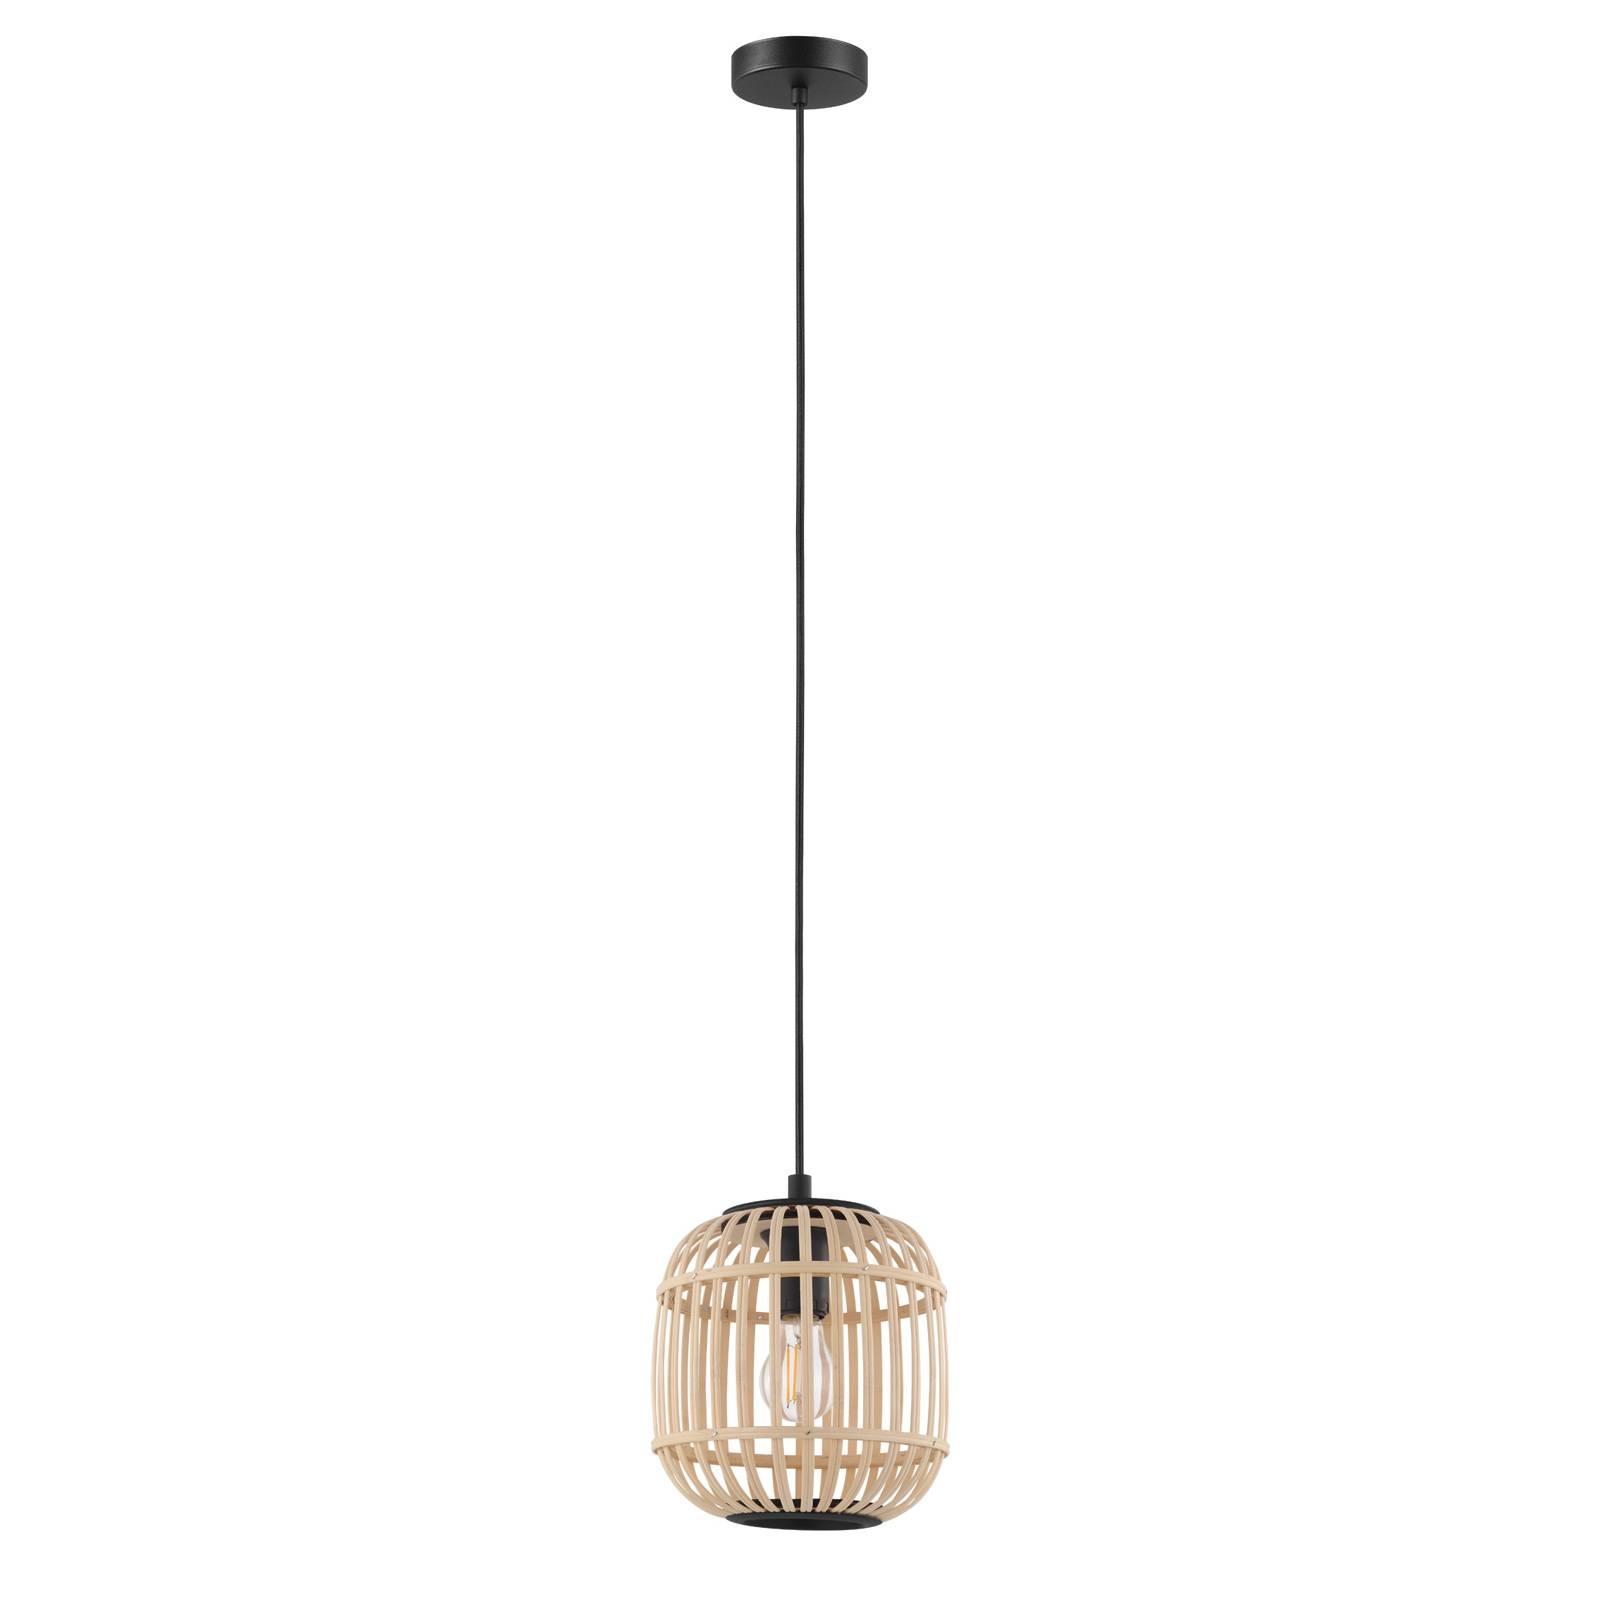 Hanglamp Bordesley met houten kap 21 cm